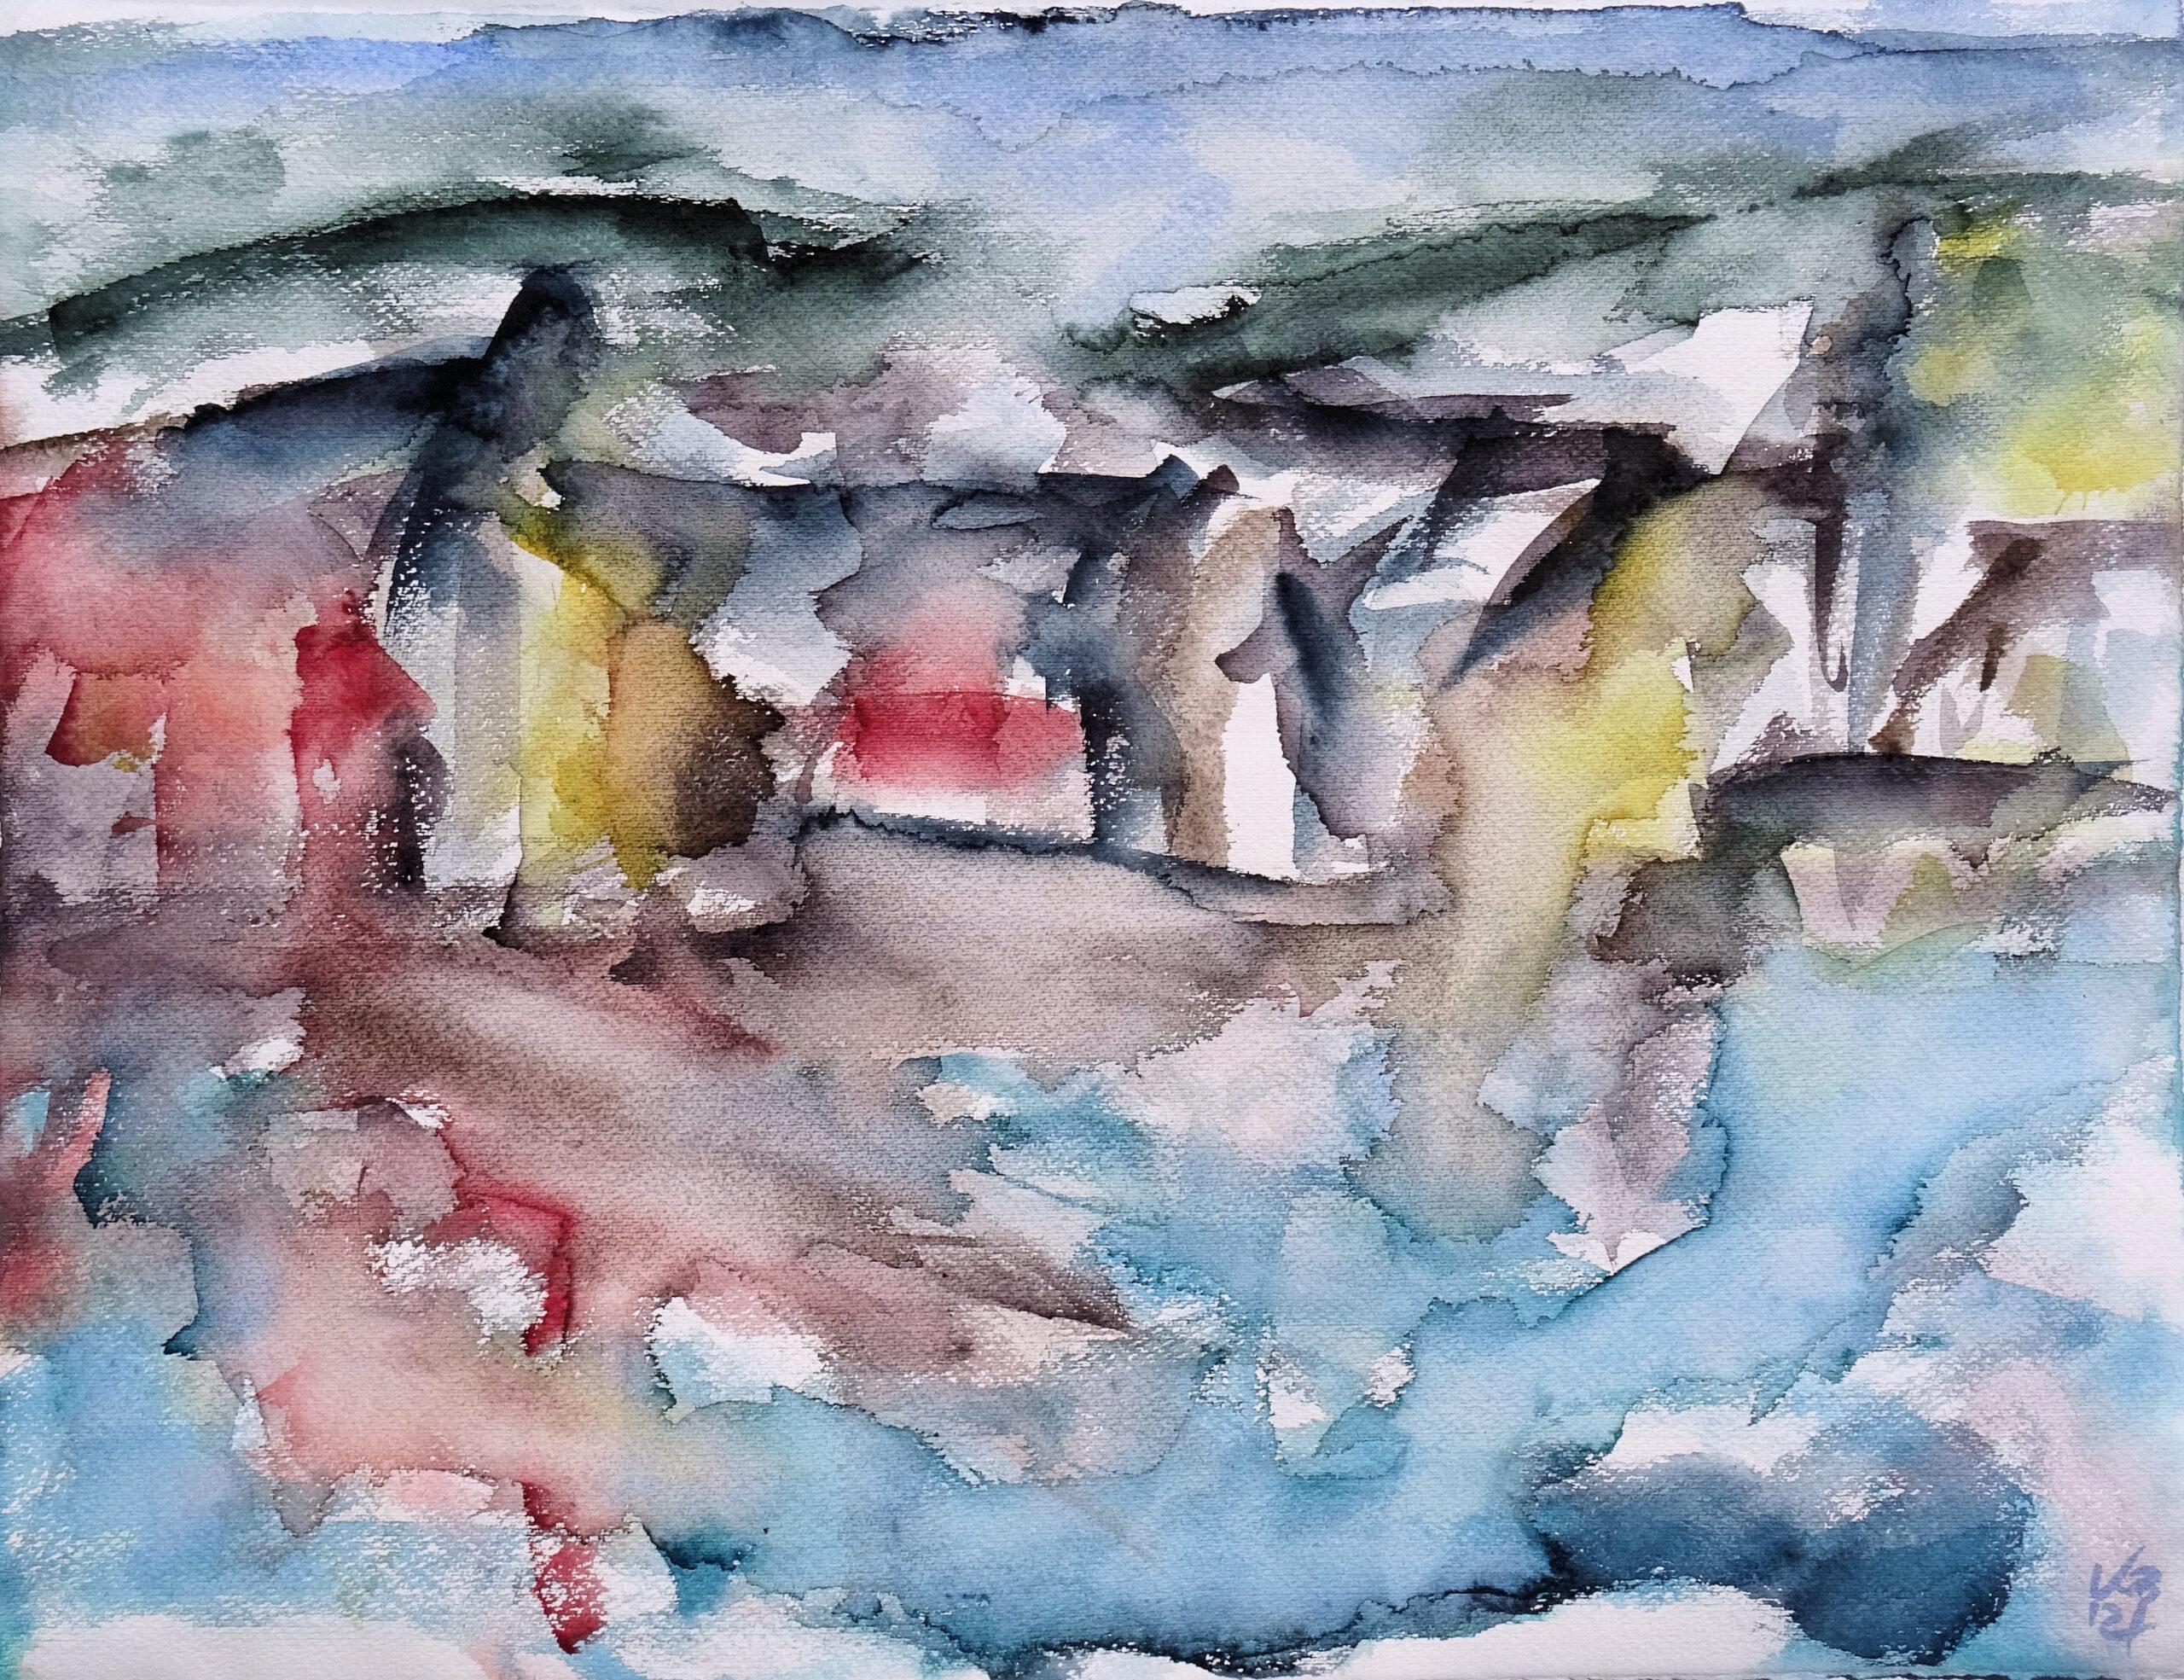 Hamnavoe I, Watercolour 65 x 50 cm, © 2021 by Klaus Bölling